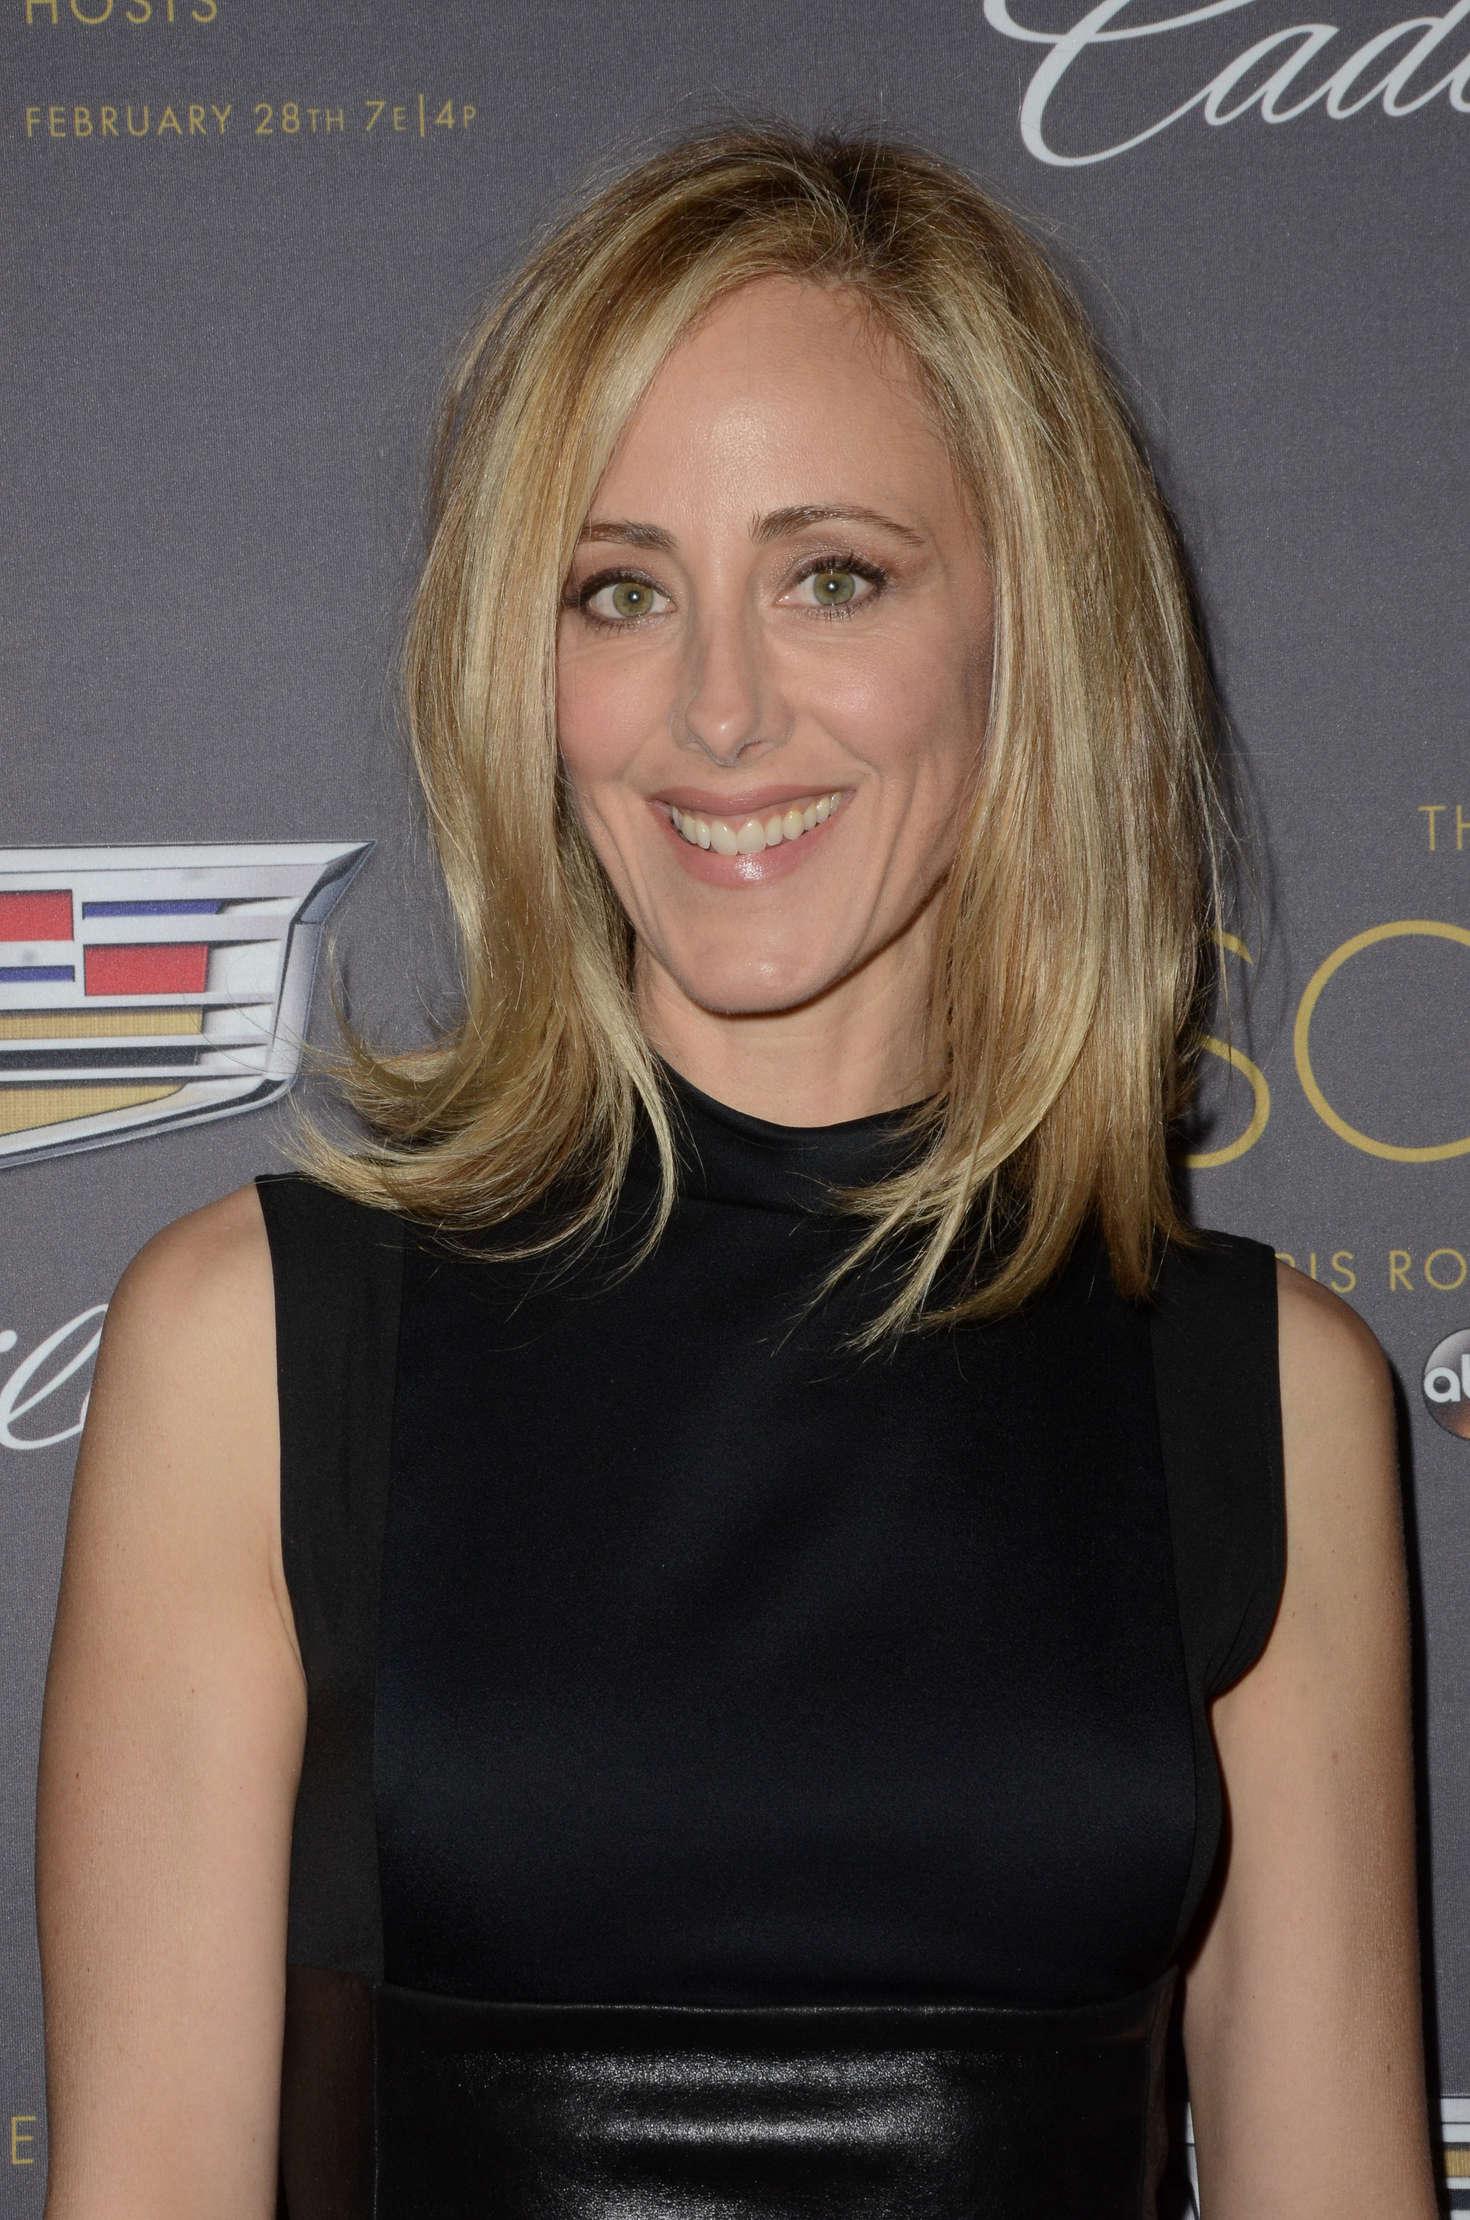 Kim Raver Cadillac Pre-Oscar Celebration in West Hollywood